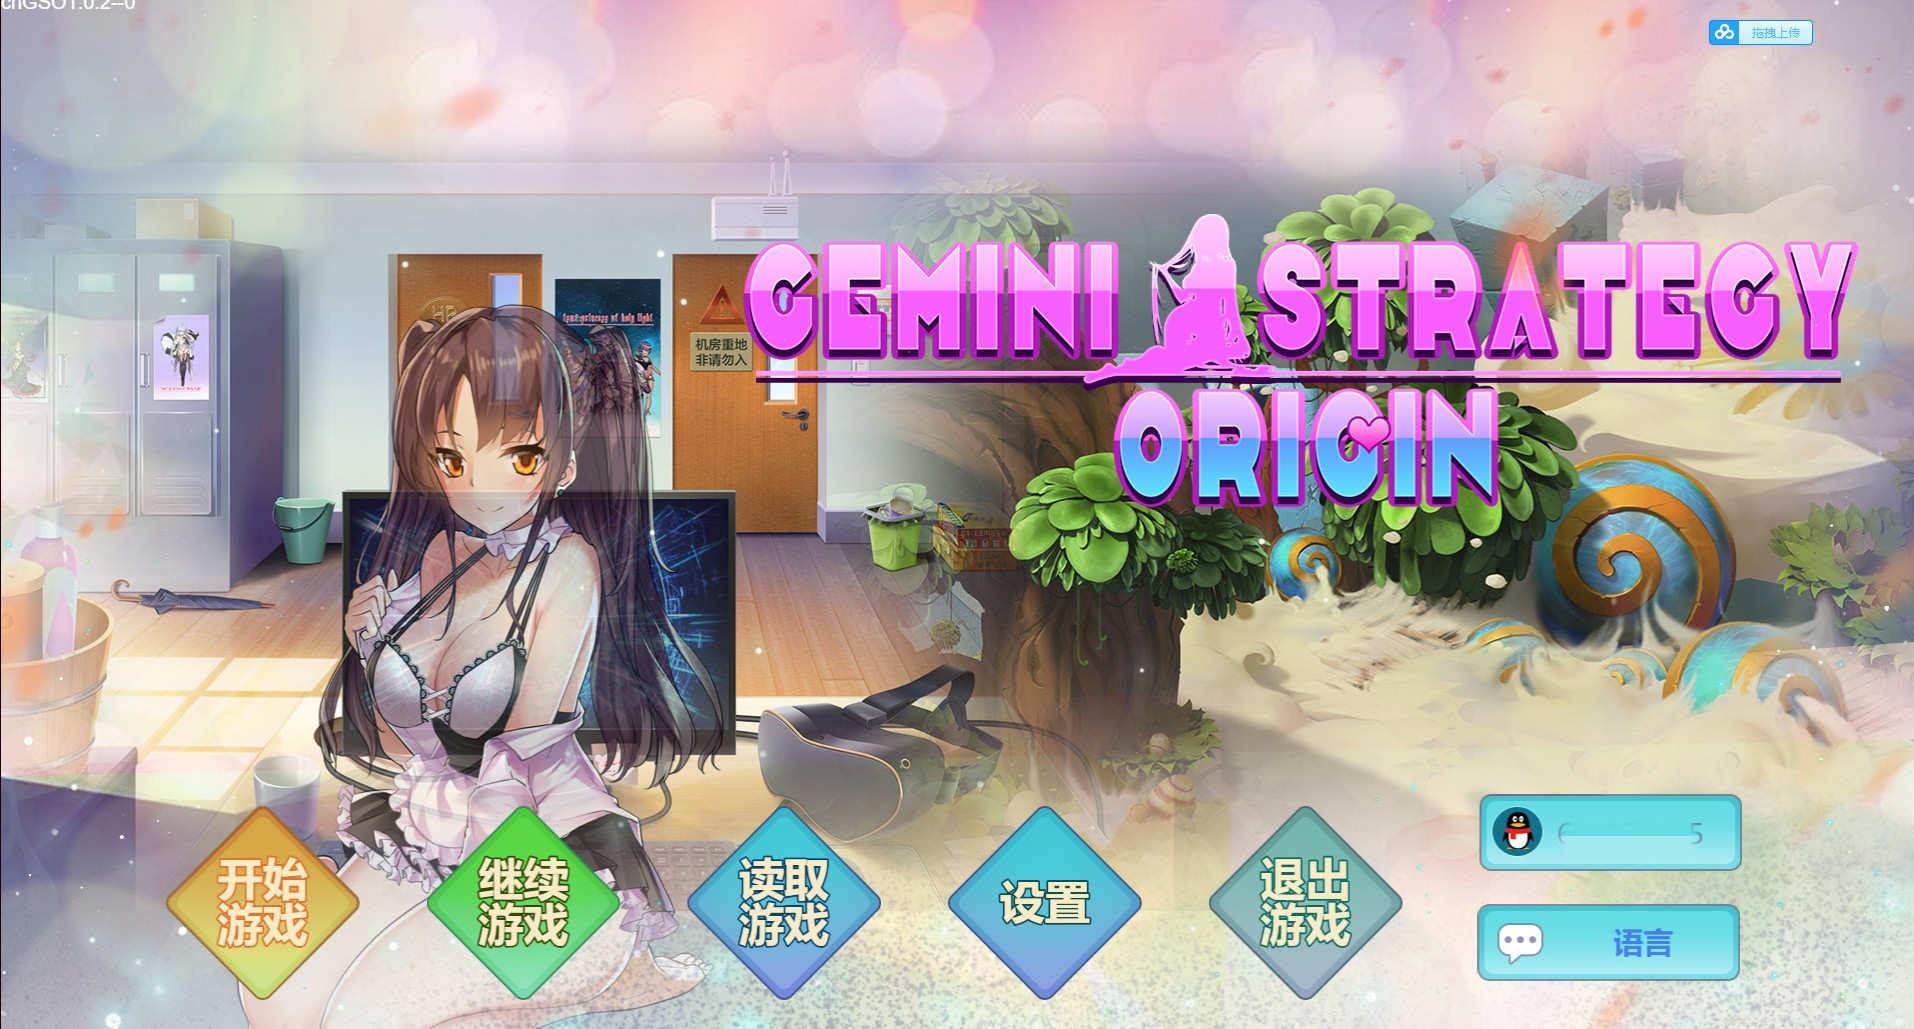 【战棋SLG/中文/全动态】双面战姬-Gemini Strategy Origin 官方中文步兵版【700M/新作/中文CV】